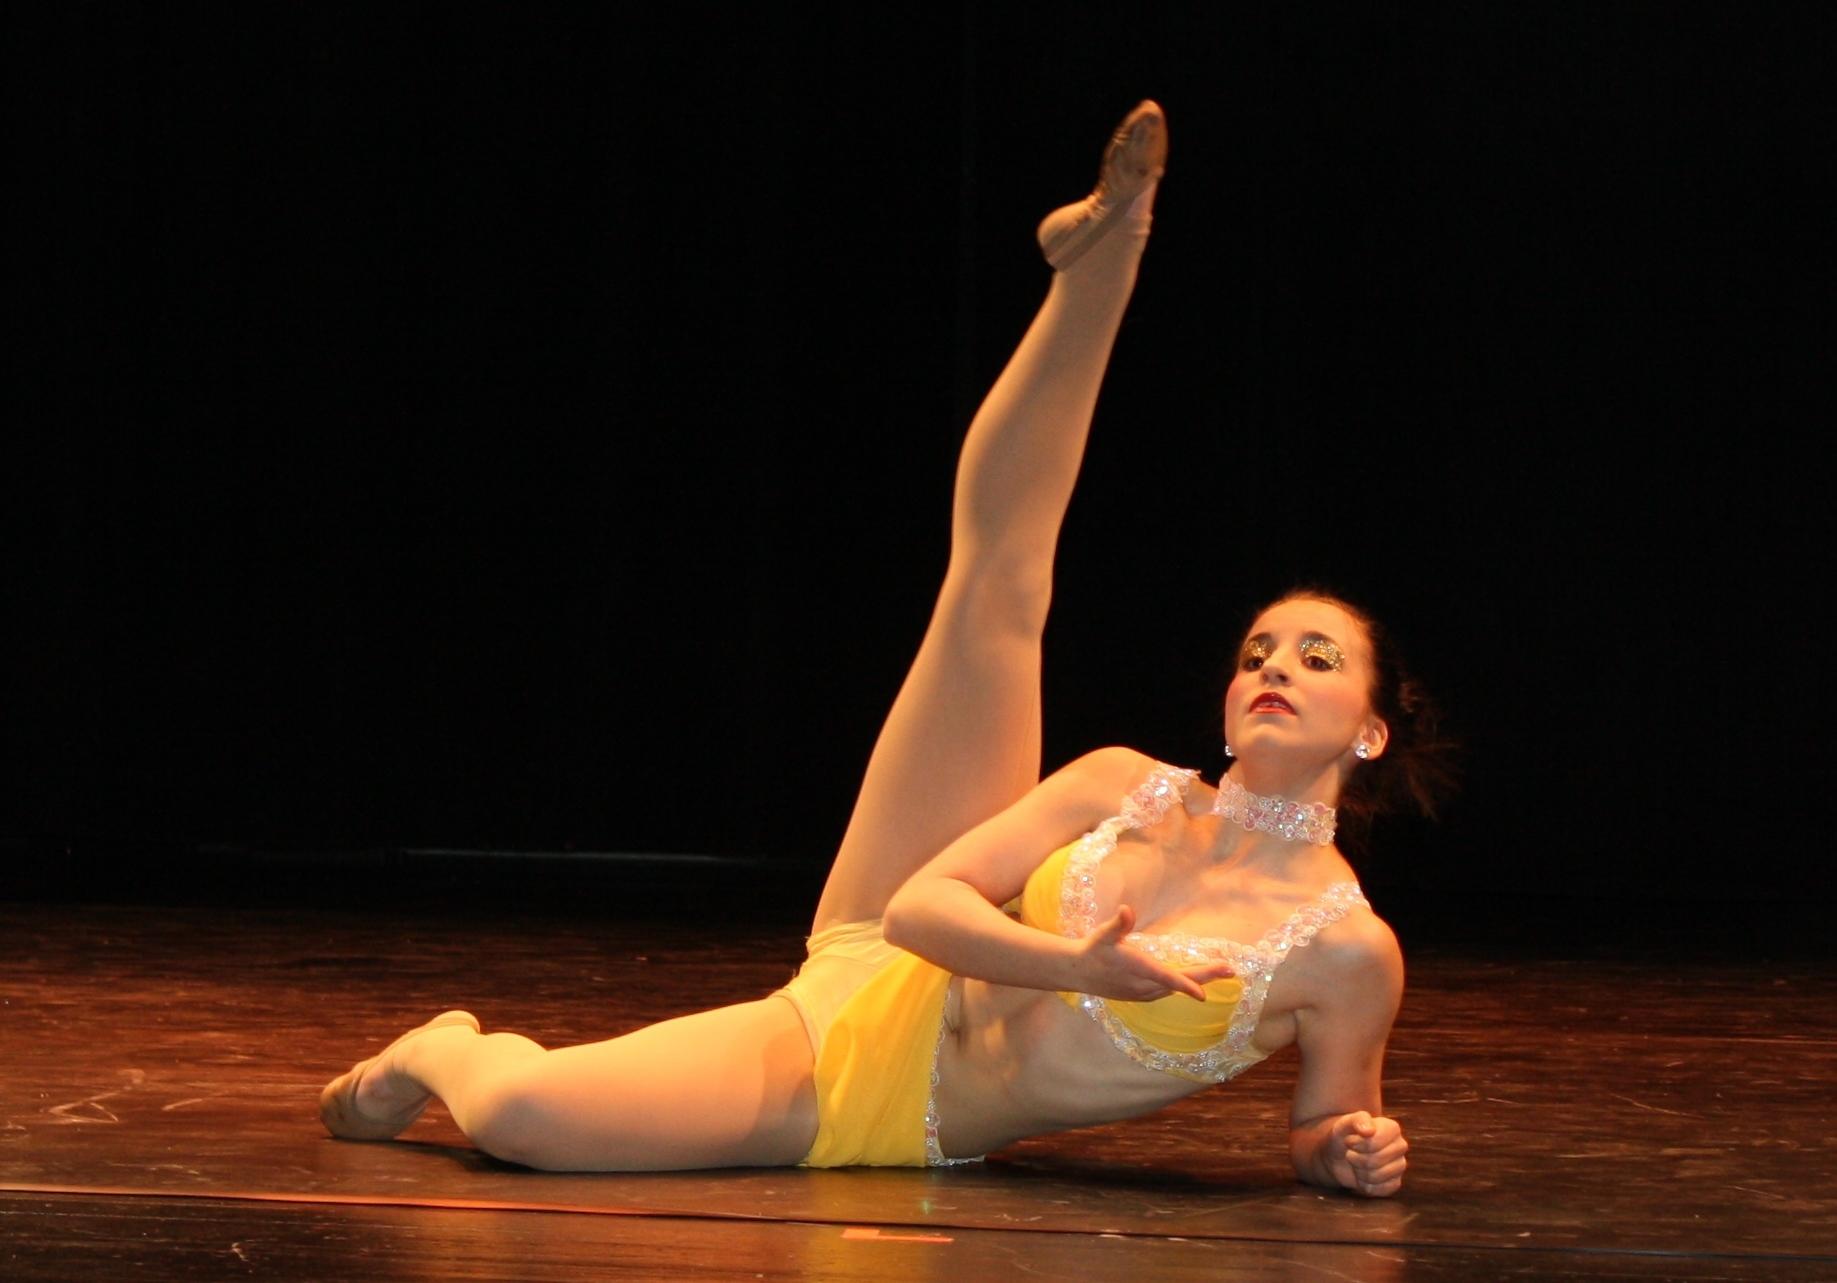 Justice Mullins Studio 1 Elite Dancer